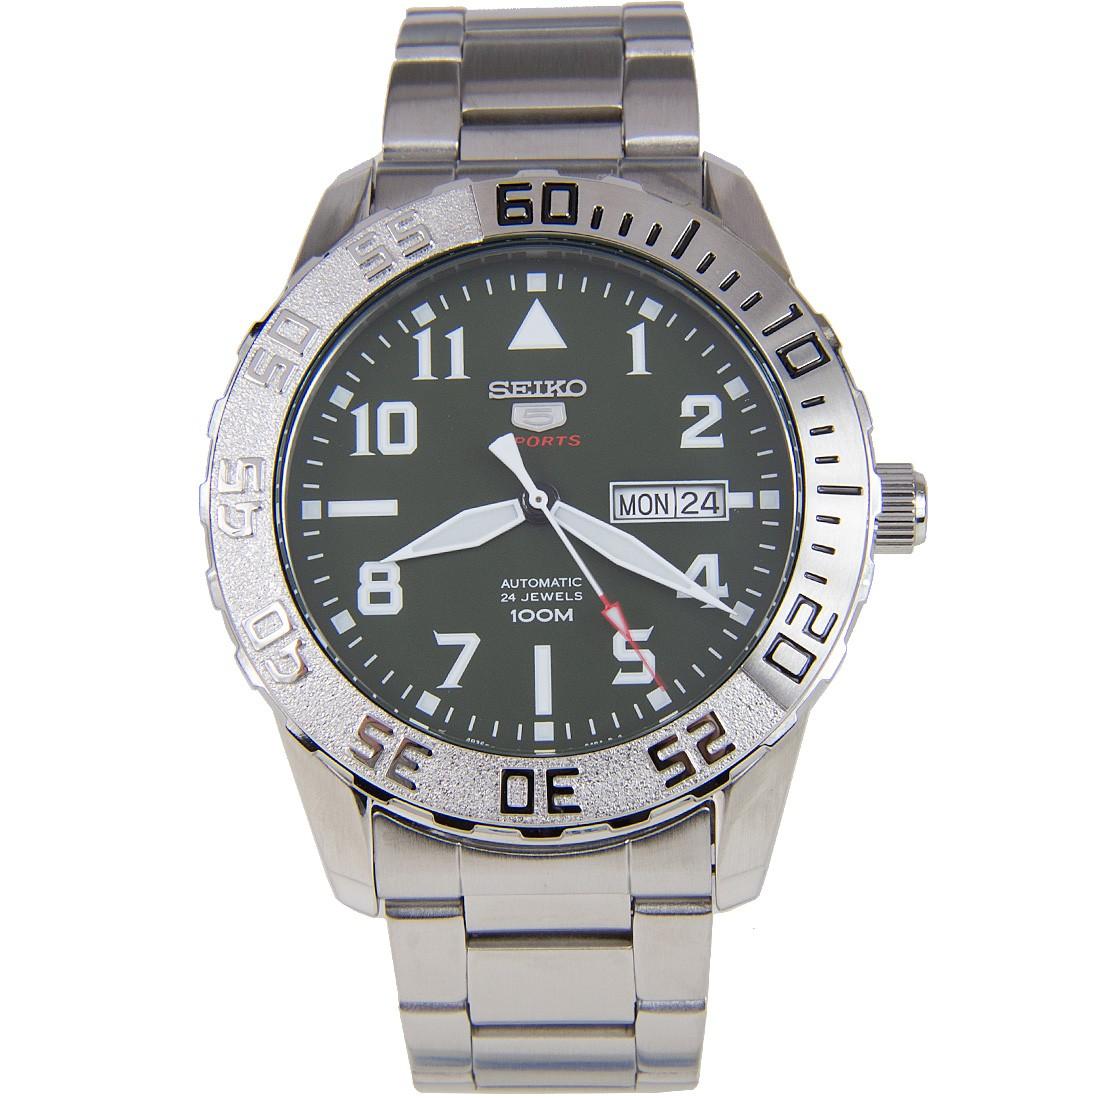 นาฬิกาผู้ชาย SEIKO Sports รุ่น SRP751K1 Automatic Man's Watch